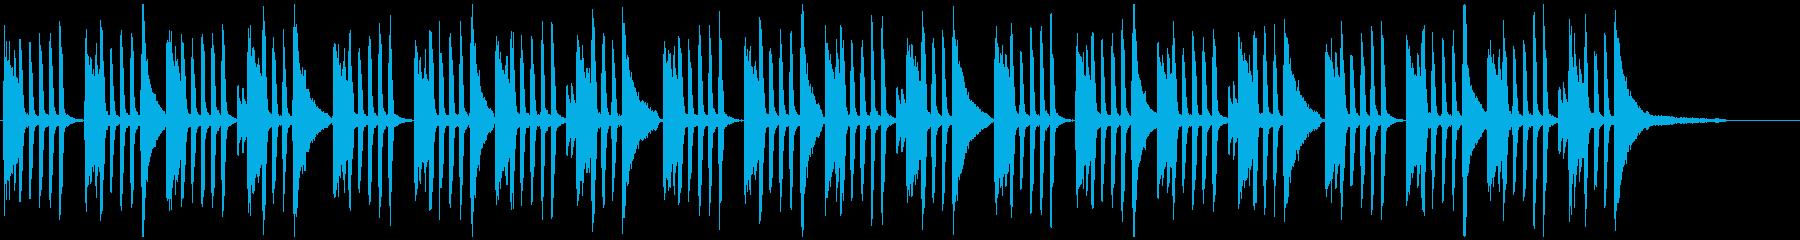 オシャレでかっこいい旋律を繰り返すピアノの再生済みの波形